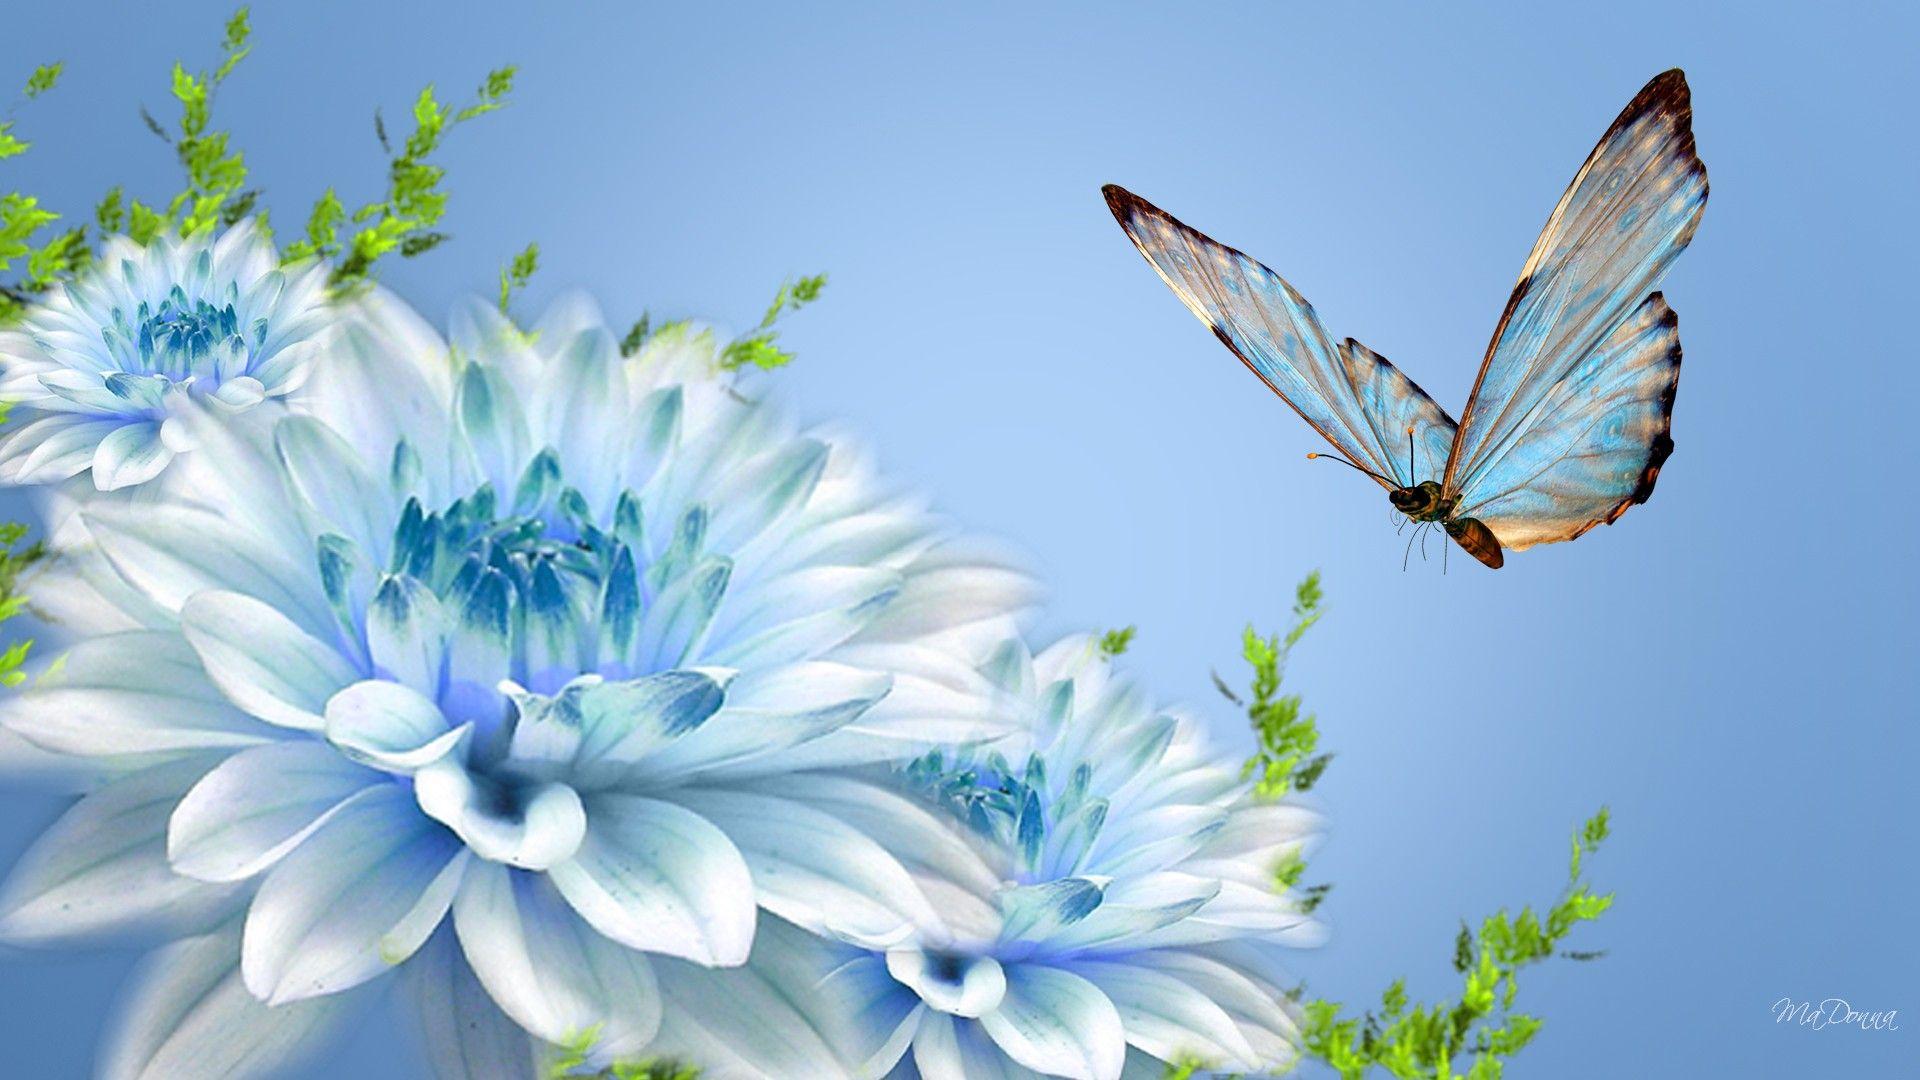 Spring Flowers And Butterflies Wallpaper Blue Flower Wallpaper